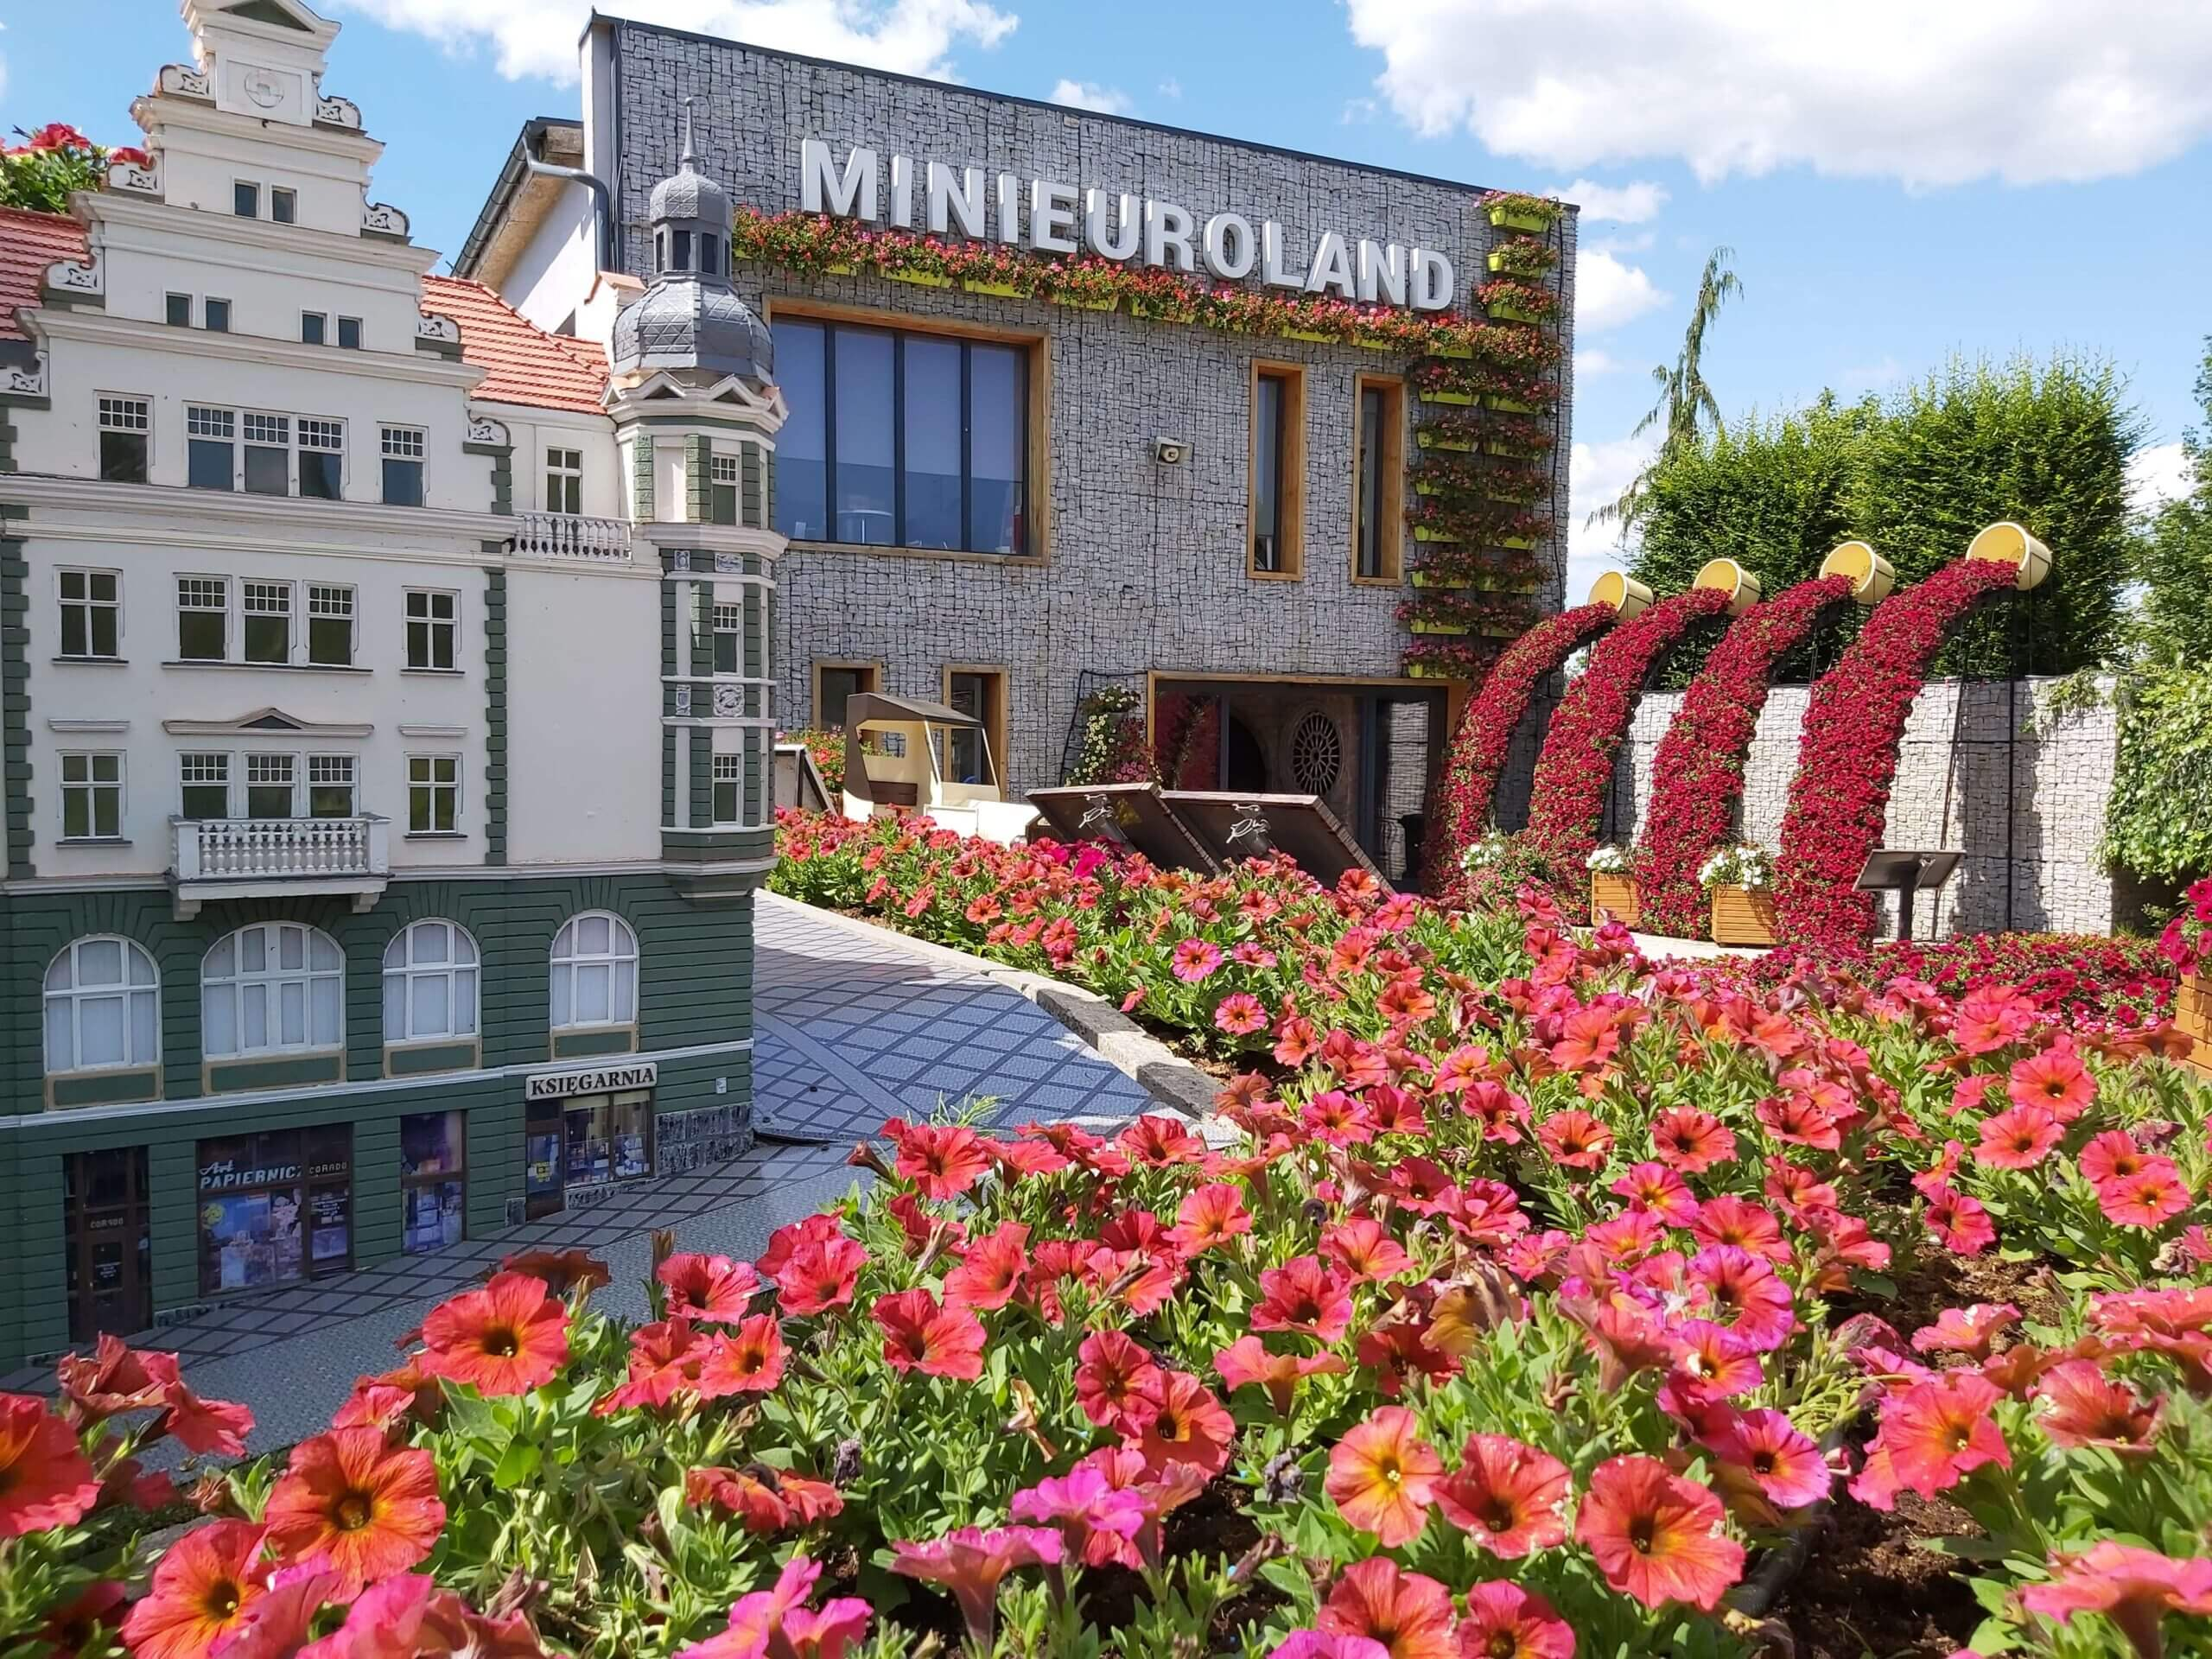 minieuroland festiwal kwiatów budynek